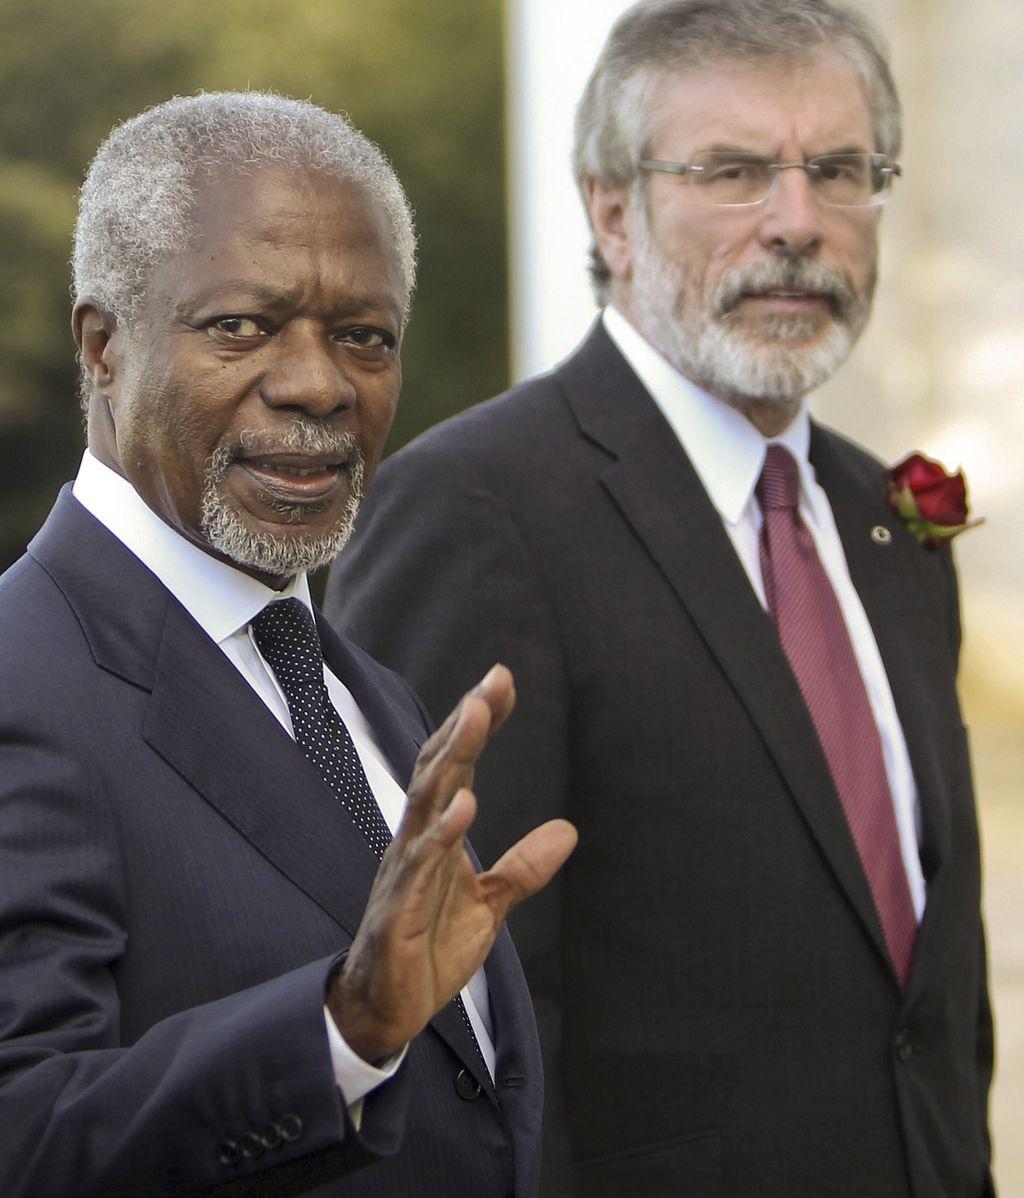 La Conferencia de Paz celebrada en San Sebastián pide a los terroristas que cesen toda acción armada.